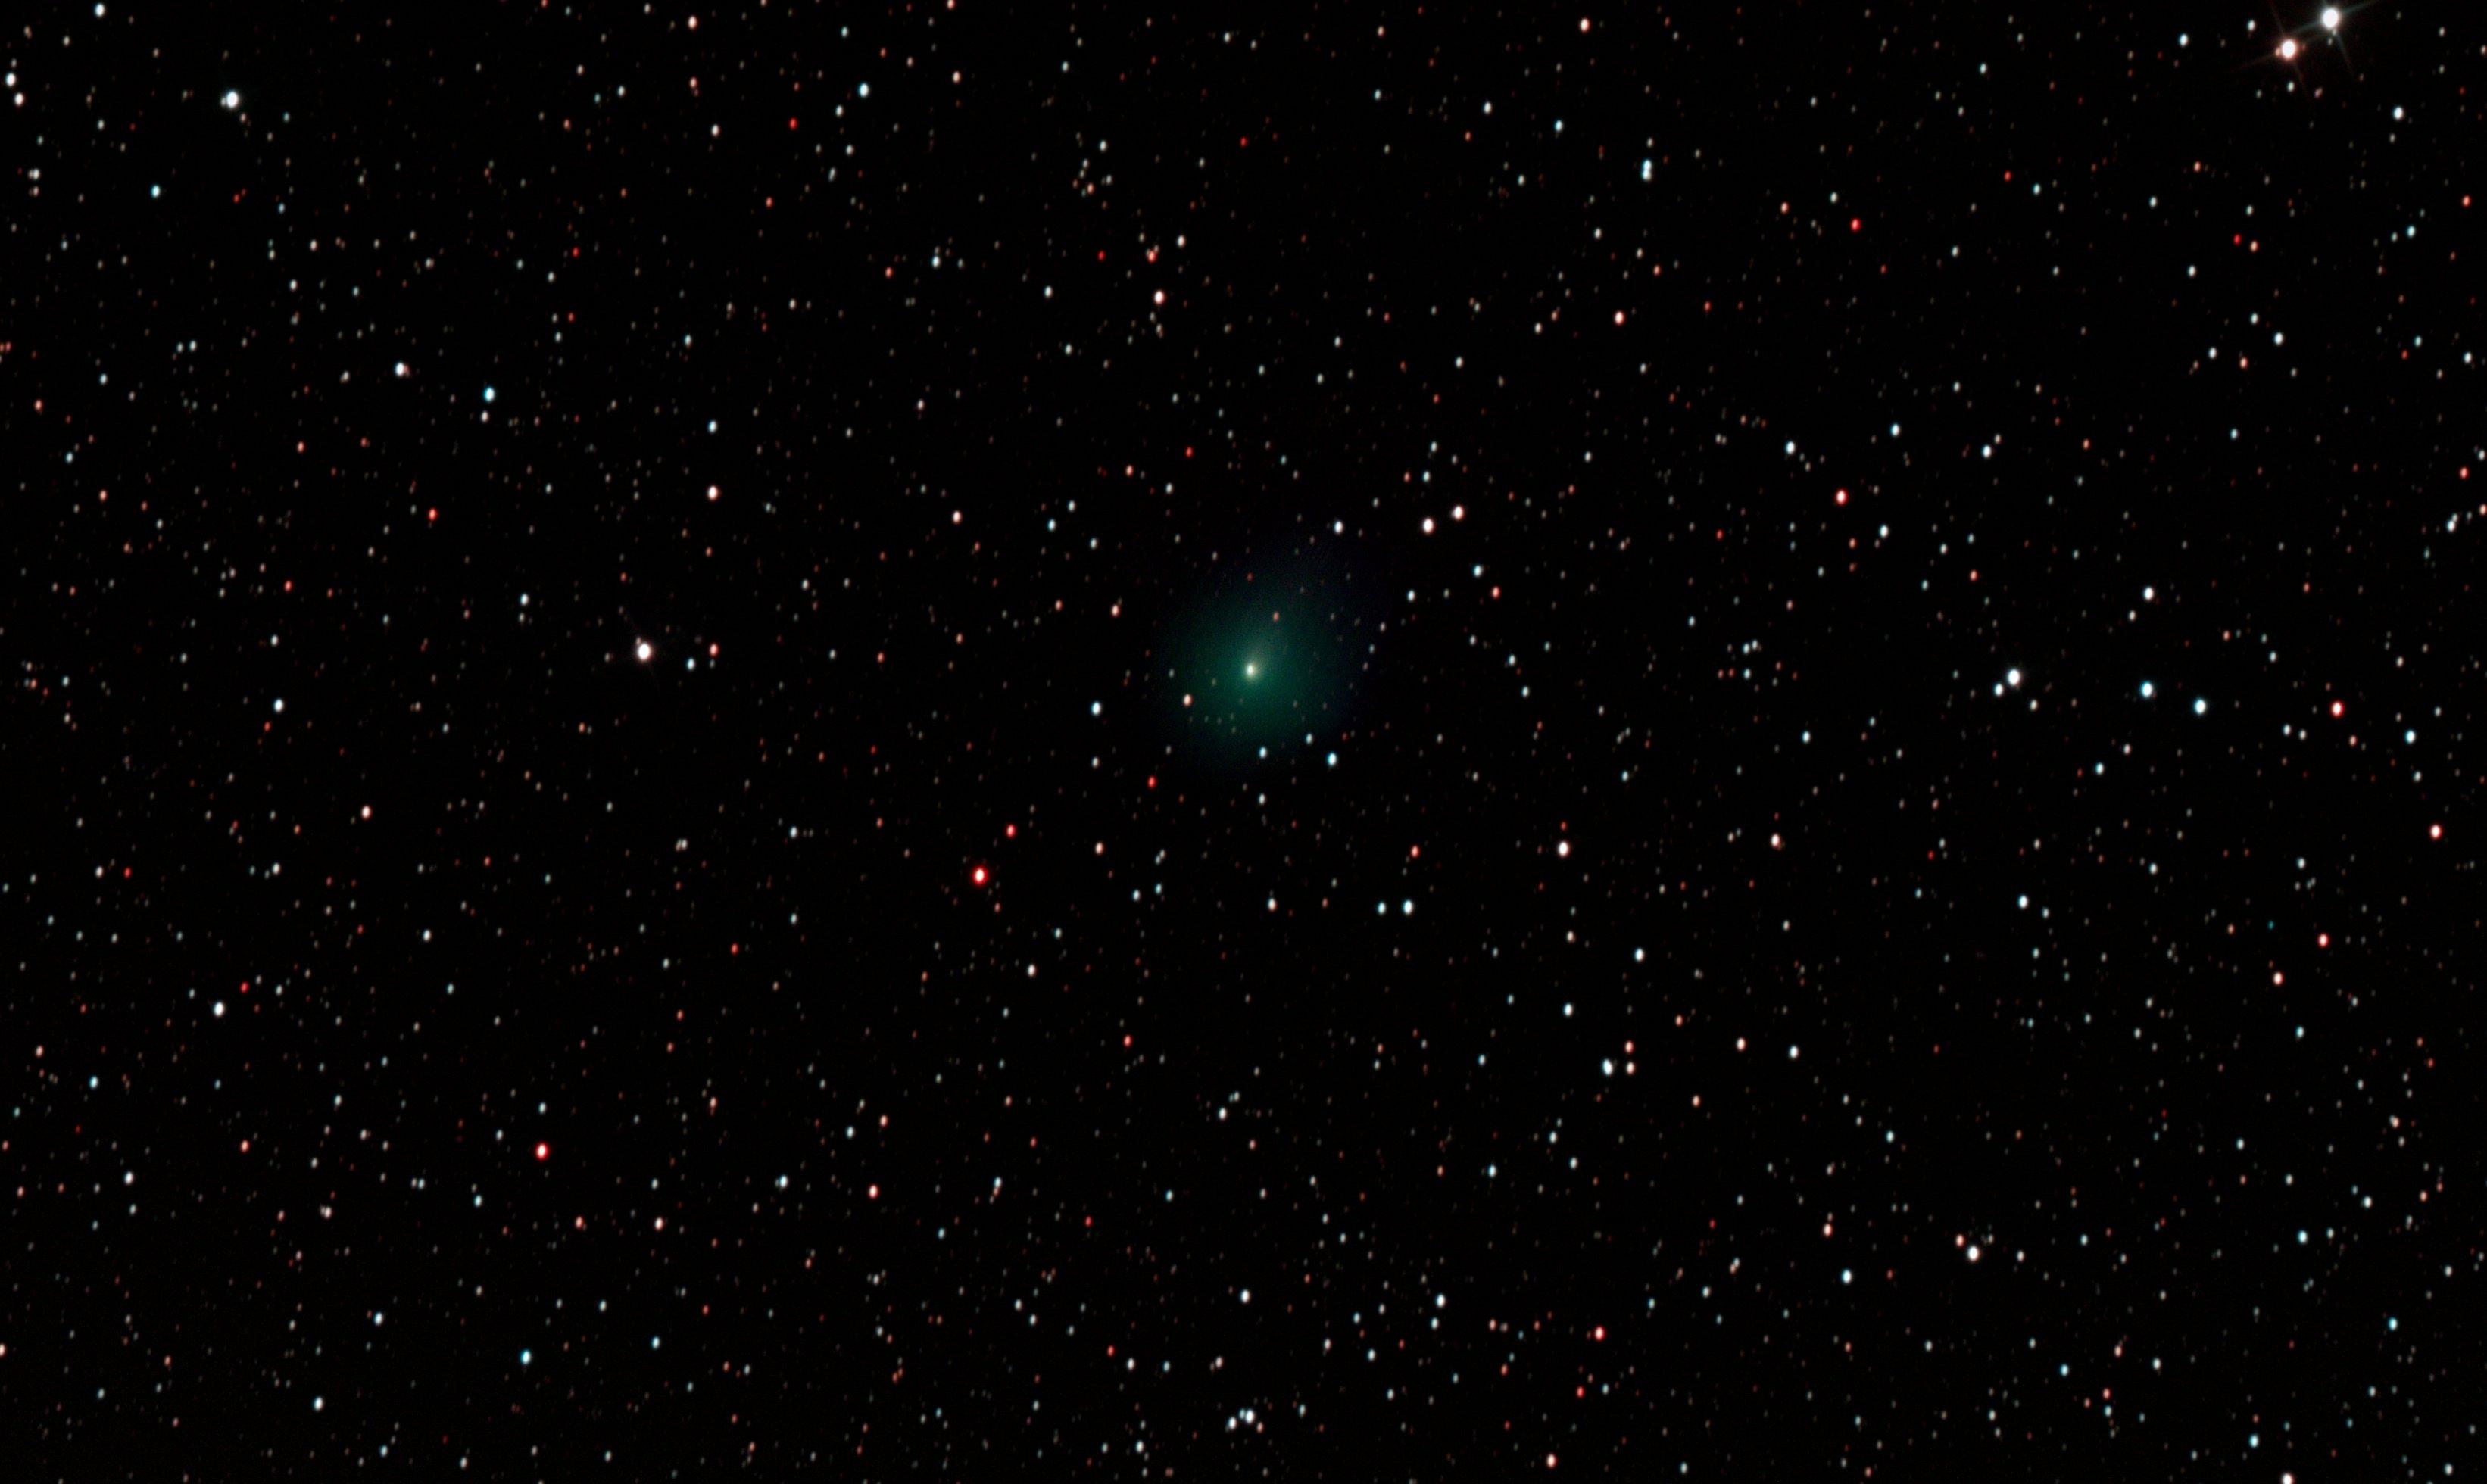 Cometa 38P/Stephan-Oterma